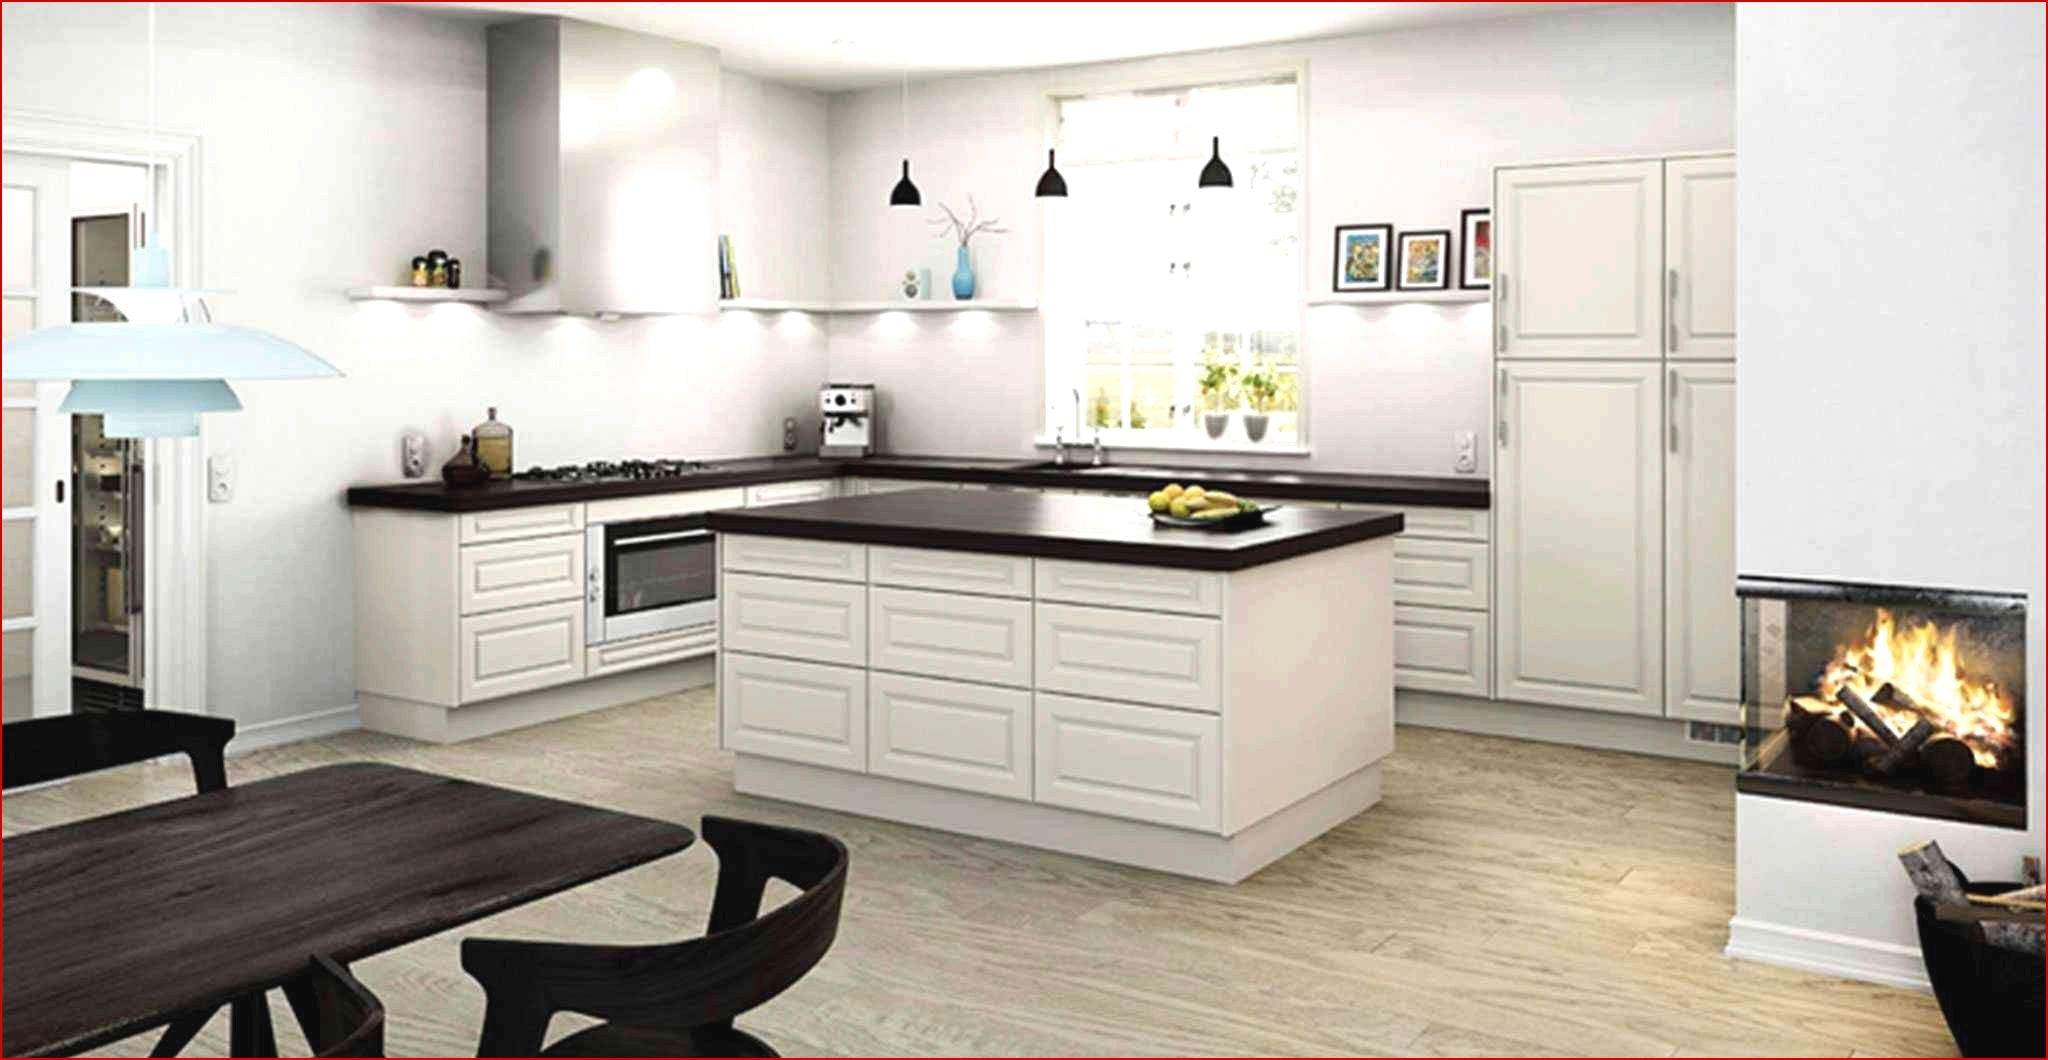 Moins Cher Cuisine Trick In 2020 Kitchen Design Kitchen